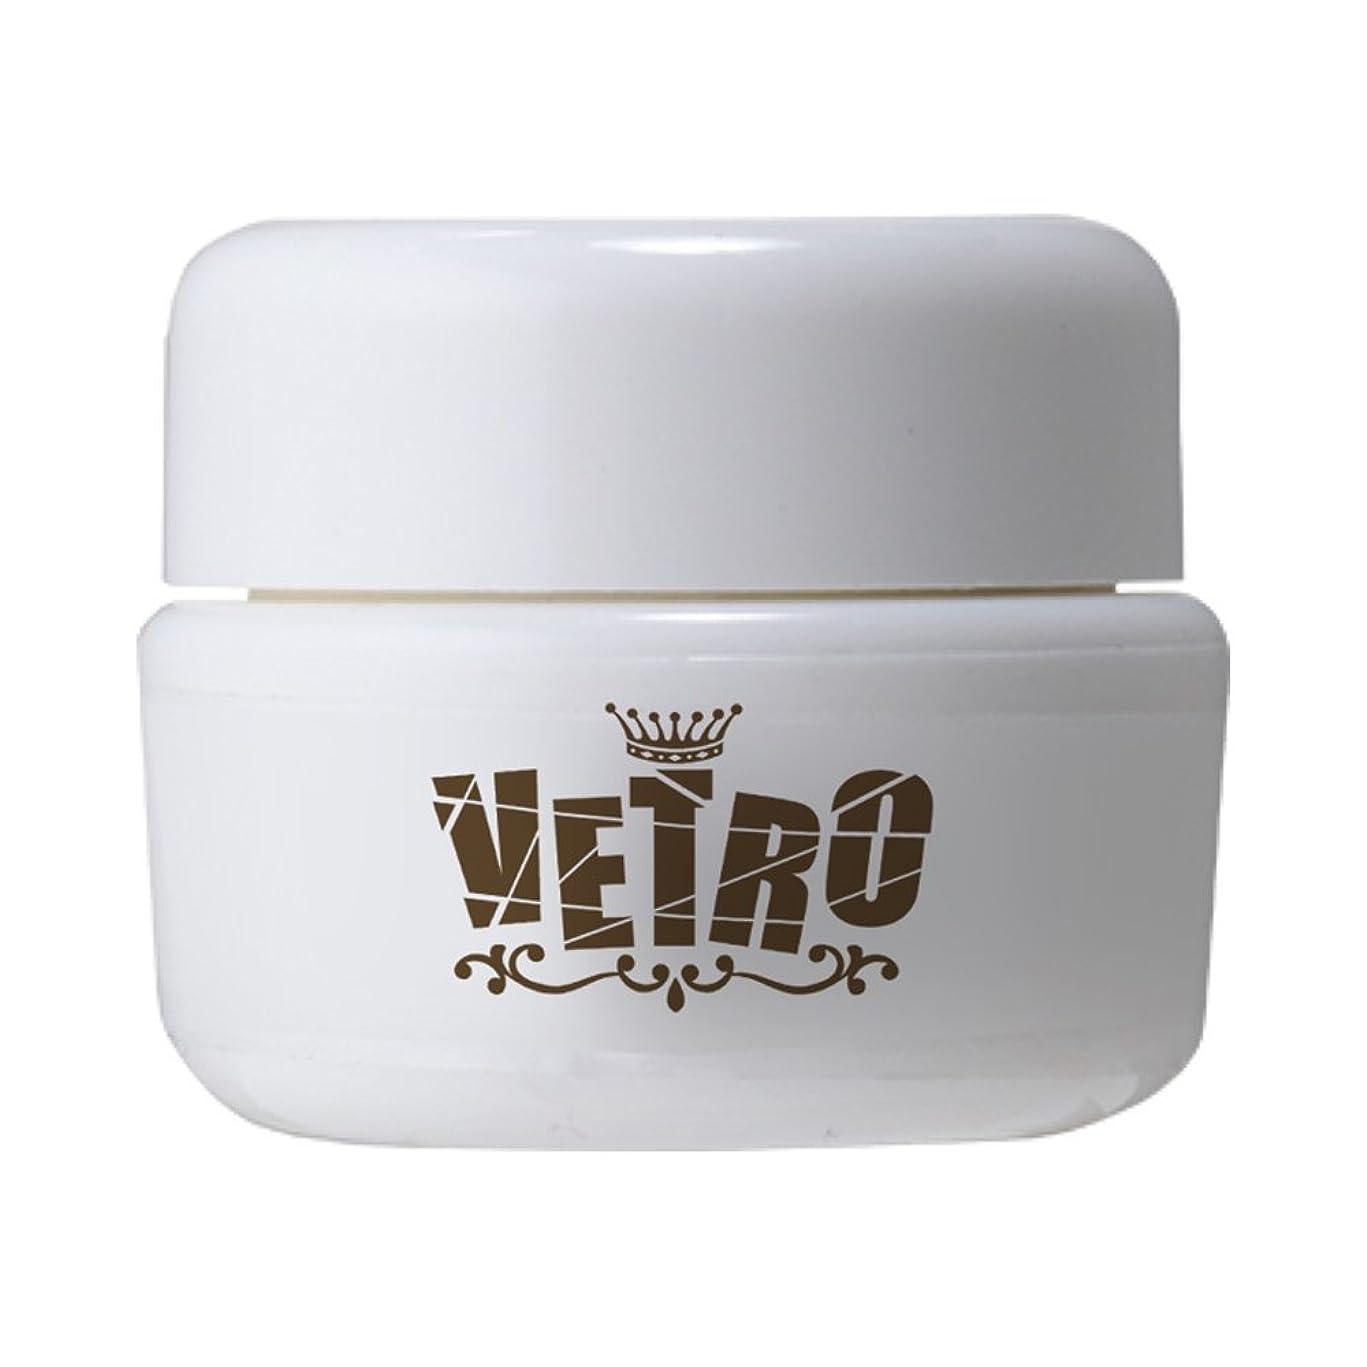 スケジュールピアニスト違法VETRO No.19 カラージェル マット VL406 ドルチェ 4ml